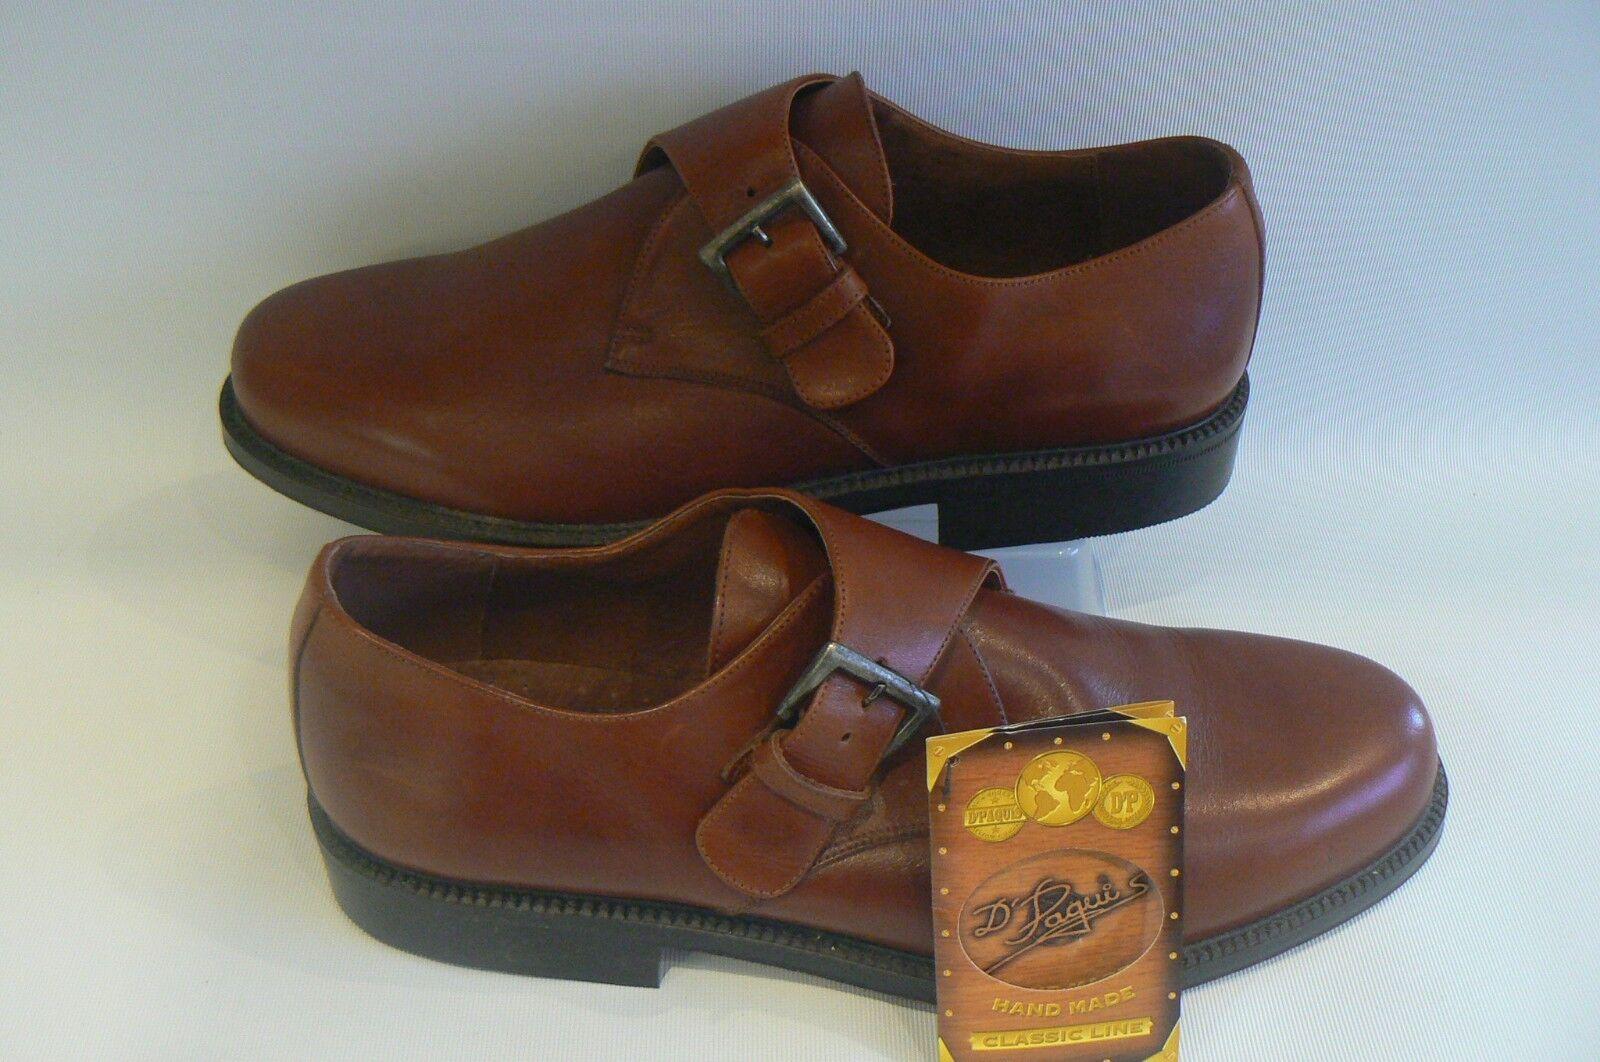 CALZADOS D PAQUIS Handmade Tan Cuir Moine Chaussures Taille 11 46